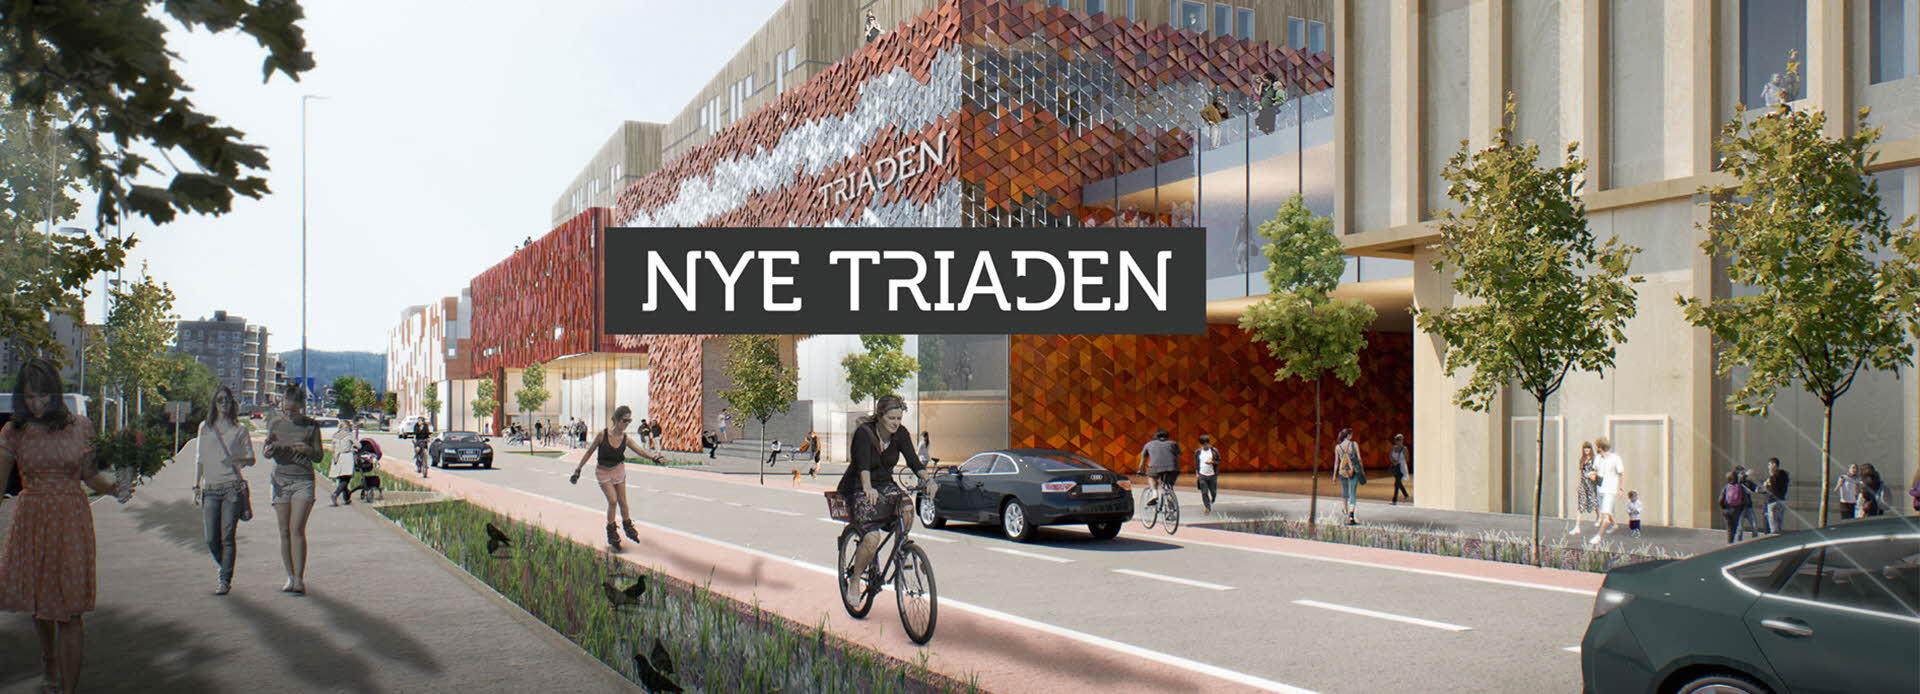 Prosjektbilde av Triaden etter ombygging